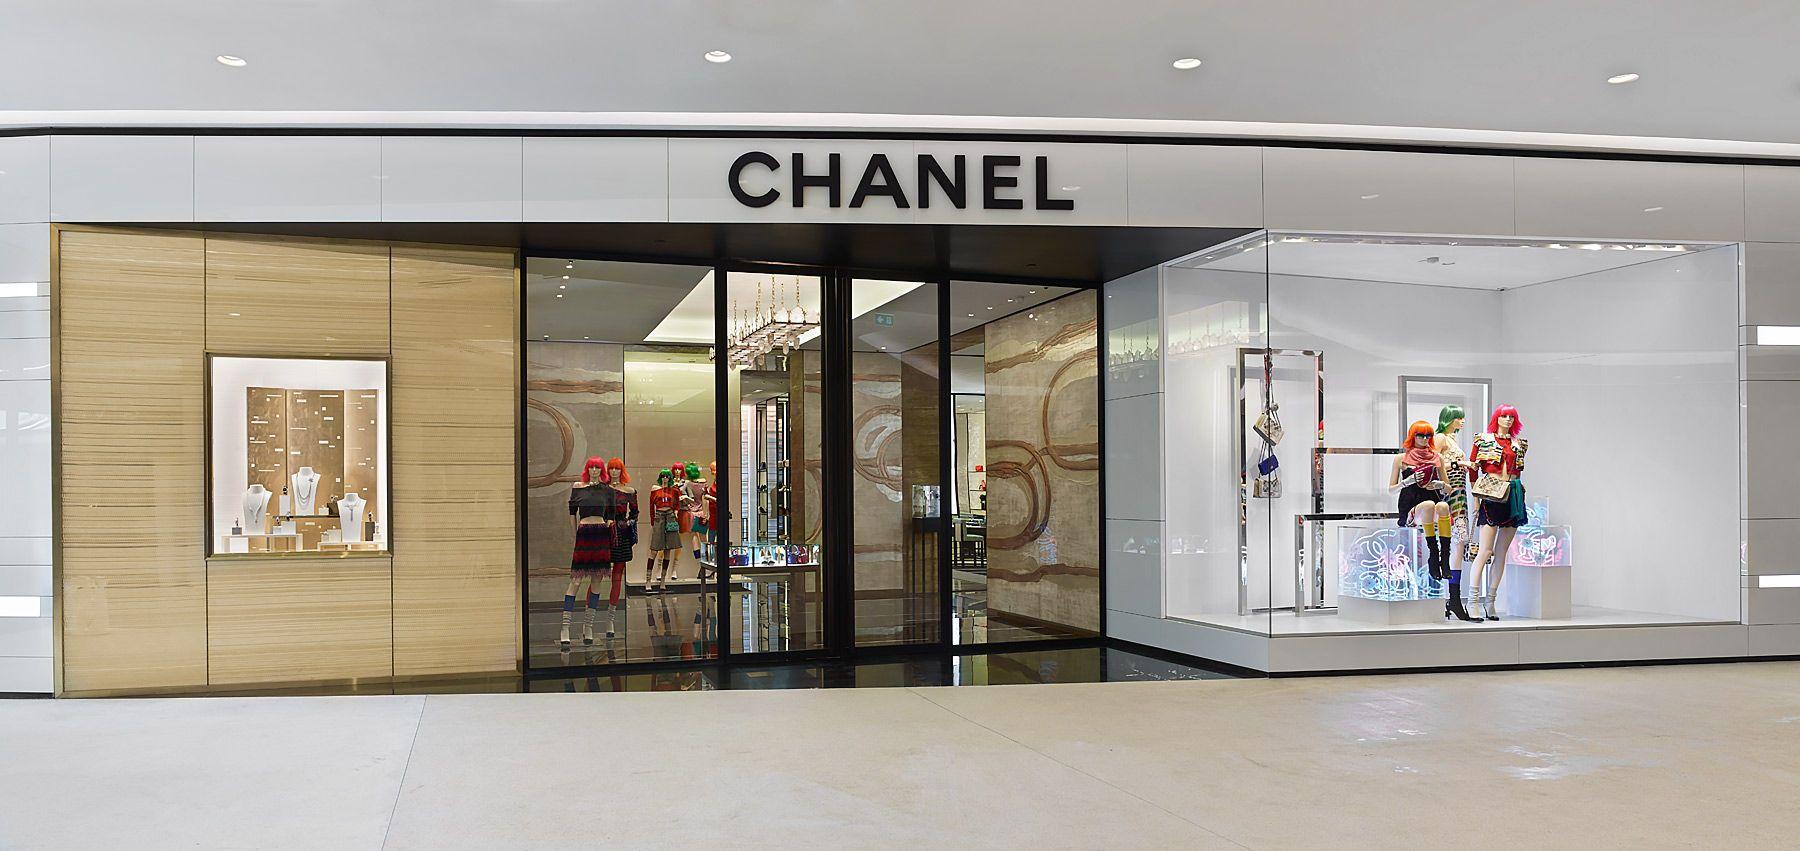 f98766e4d7 chanel Interior Shop, Interior Windows, Retail Interior, Chanel Store,  Peter Marino,